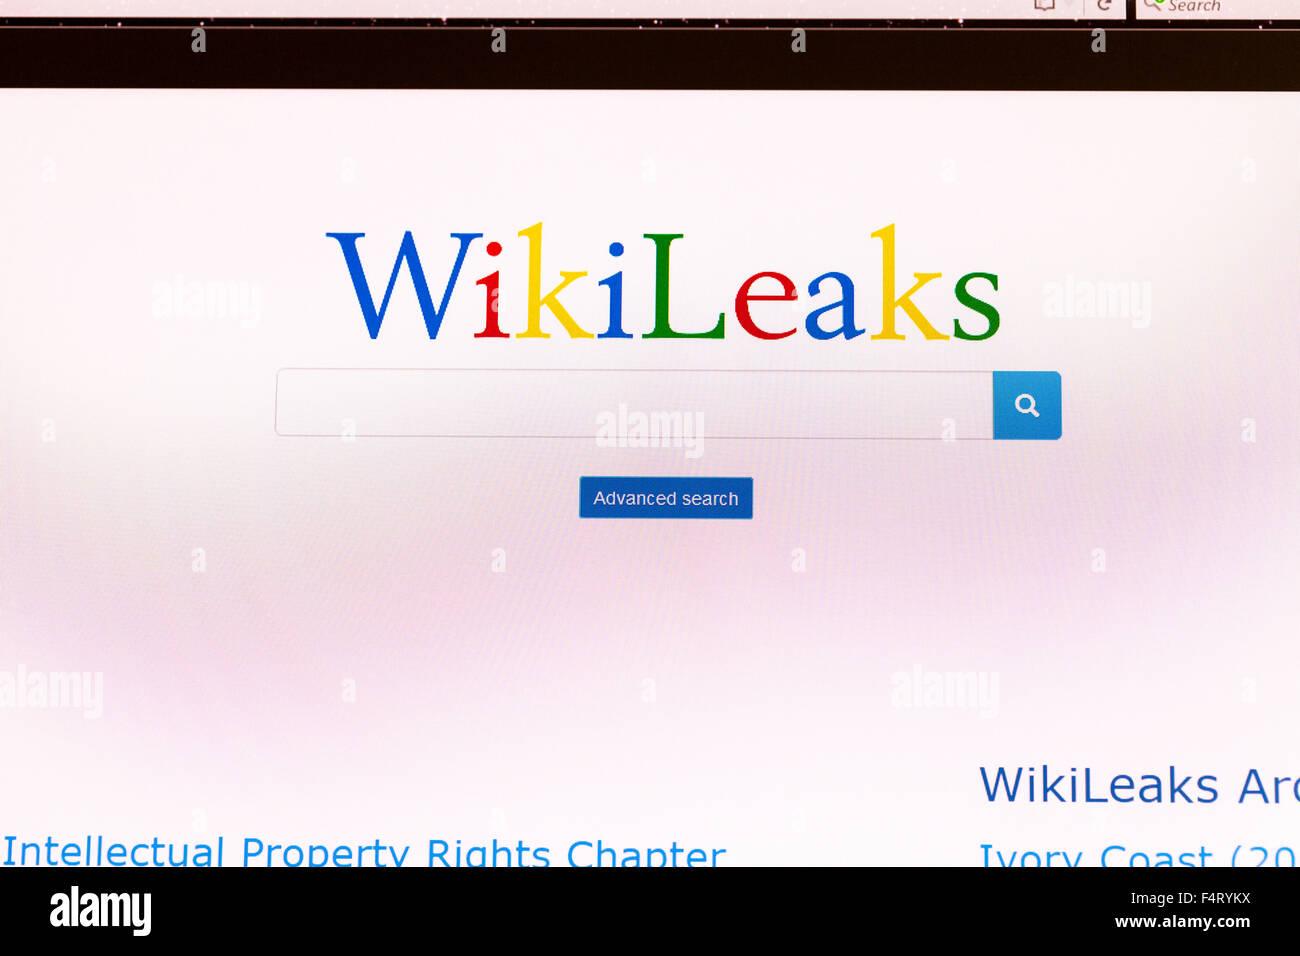 Wikileaks wiki leaks website homepage search scandal online screen screenshot web site internet net sign in UK - Stock Image